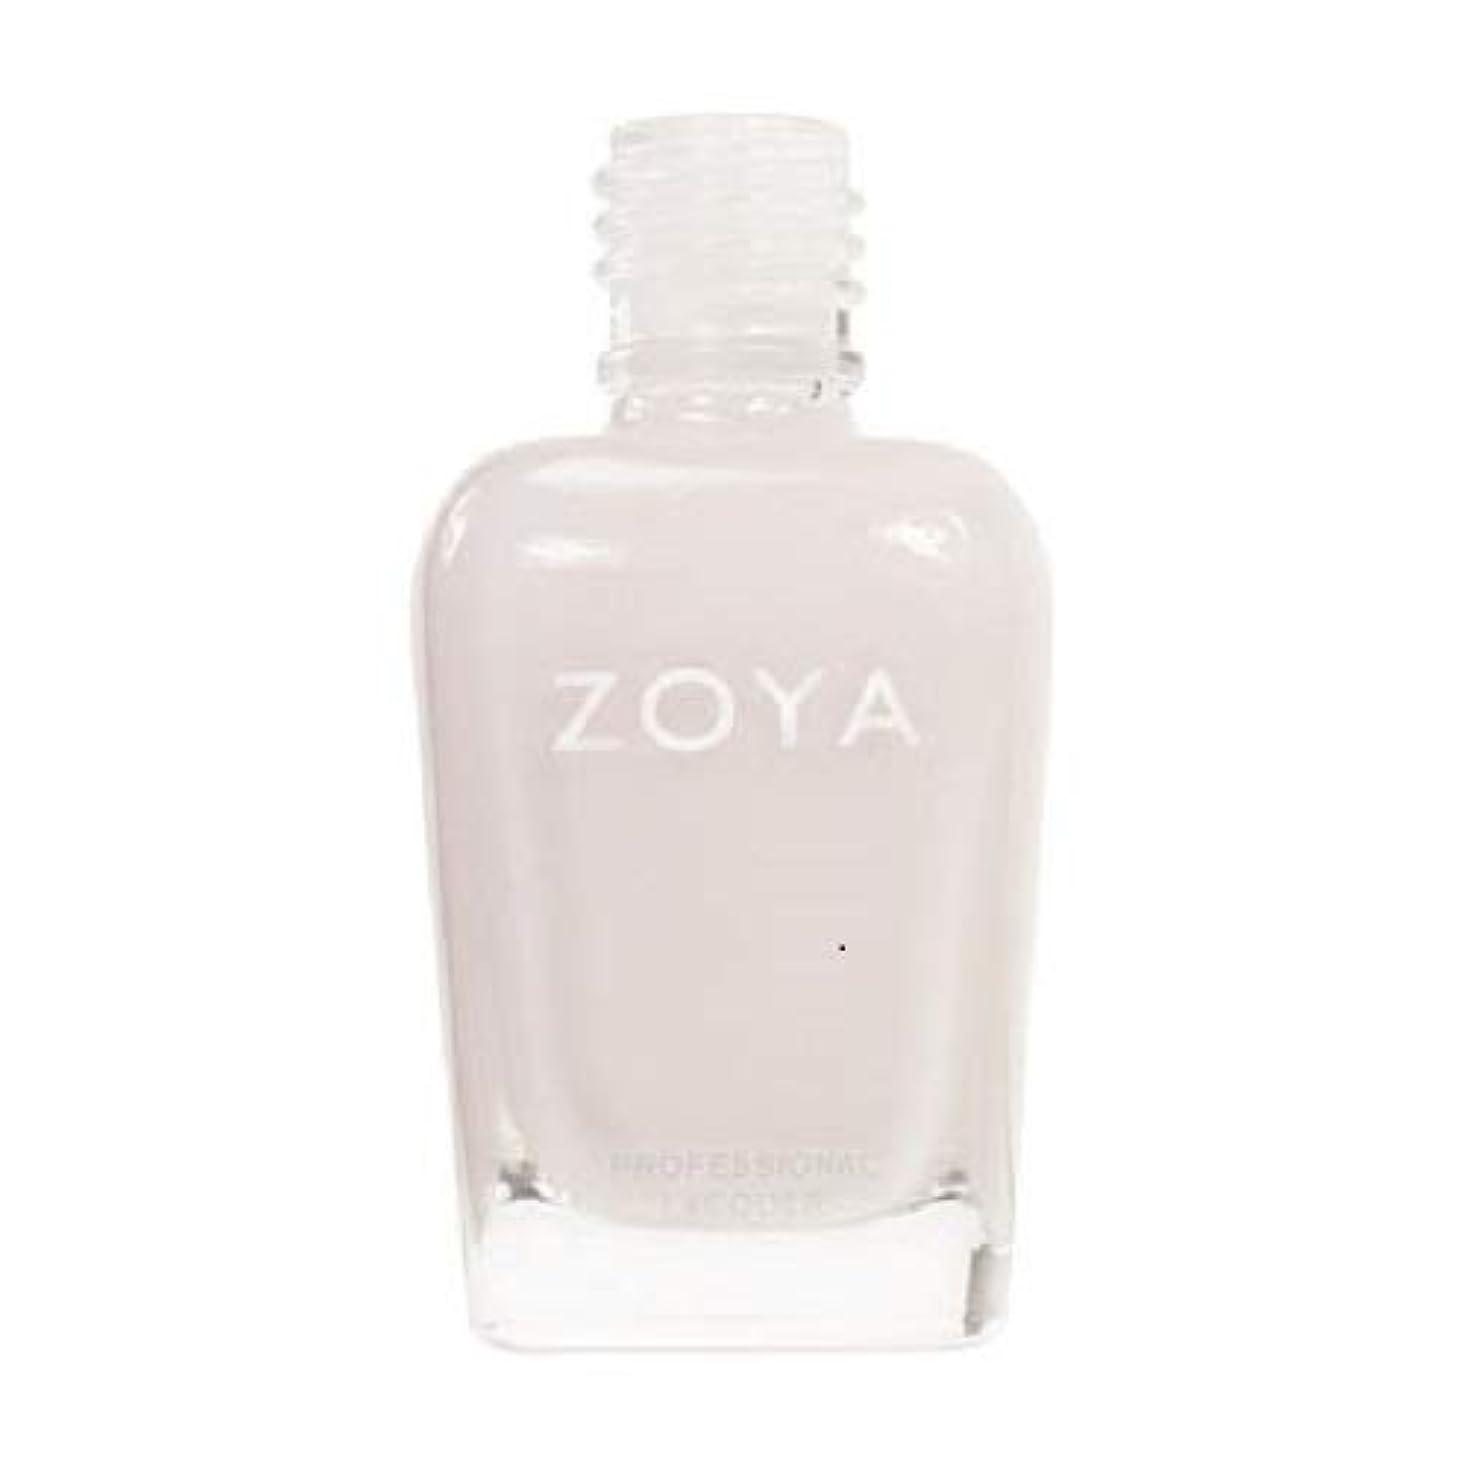 以上問い合わせ予想するZOYA ネイルカラーZP235 SABRINA サブリナ 15ml ほのかに色づくピンクをまとったホワイト シアー/クリーム 爪にやさしいネイルラッカーマニキュア